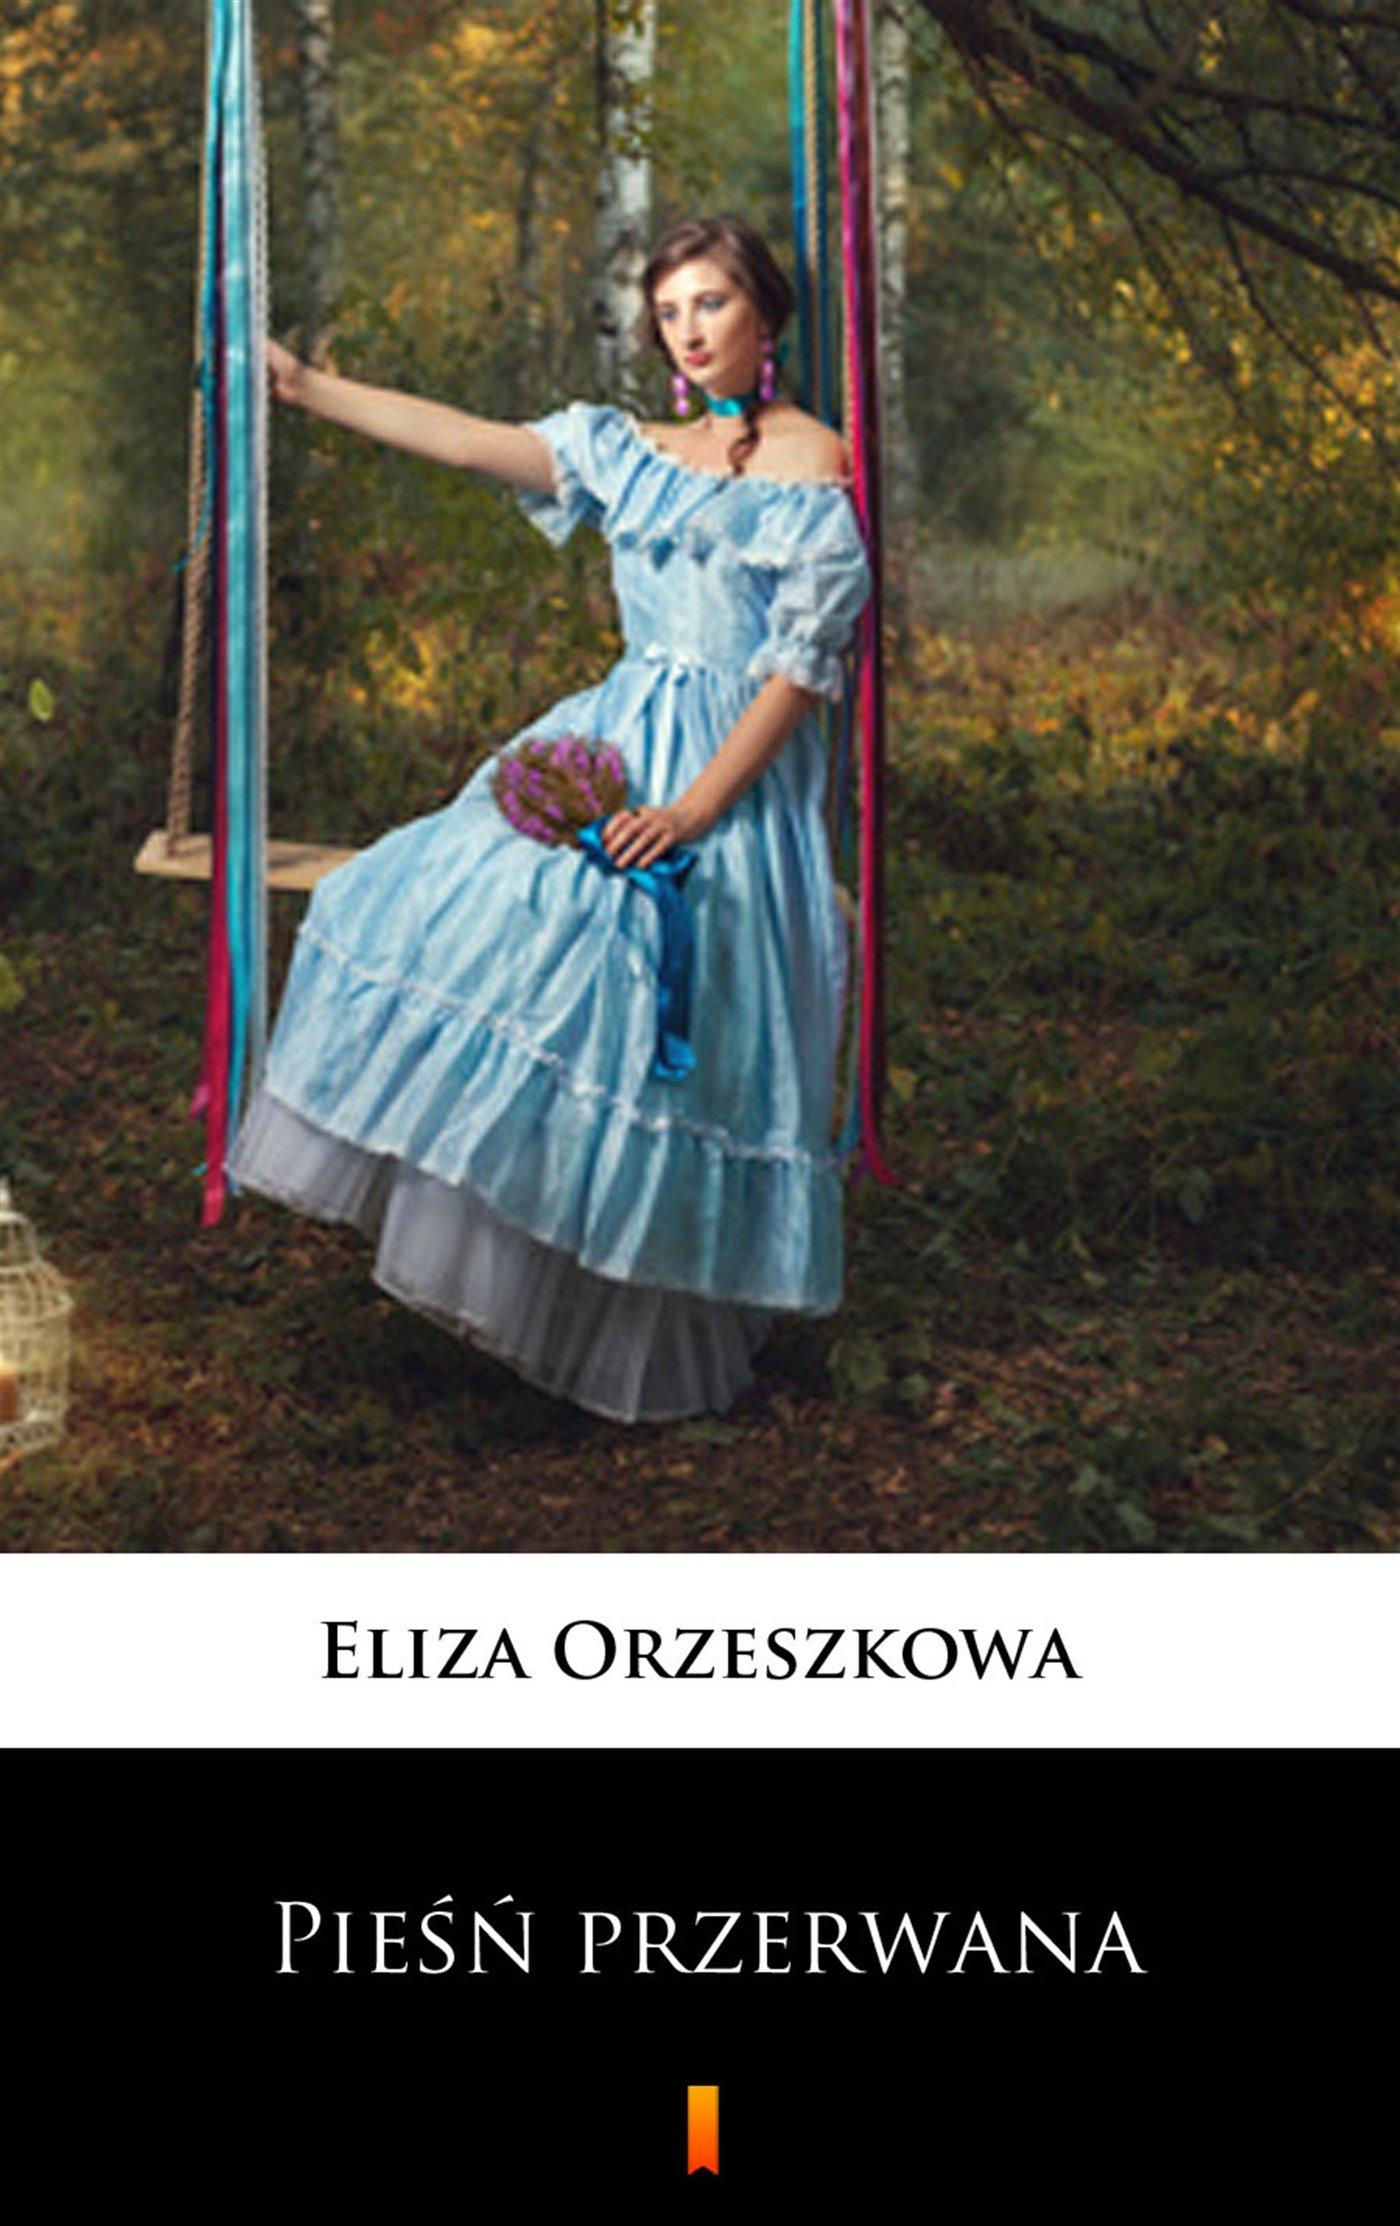 Pieśń przerwana - Ebook (Książka na Kindle) do pobrania w formacie MOBI